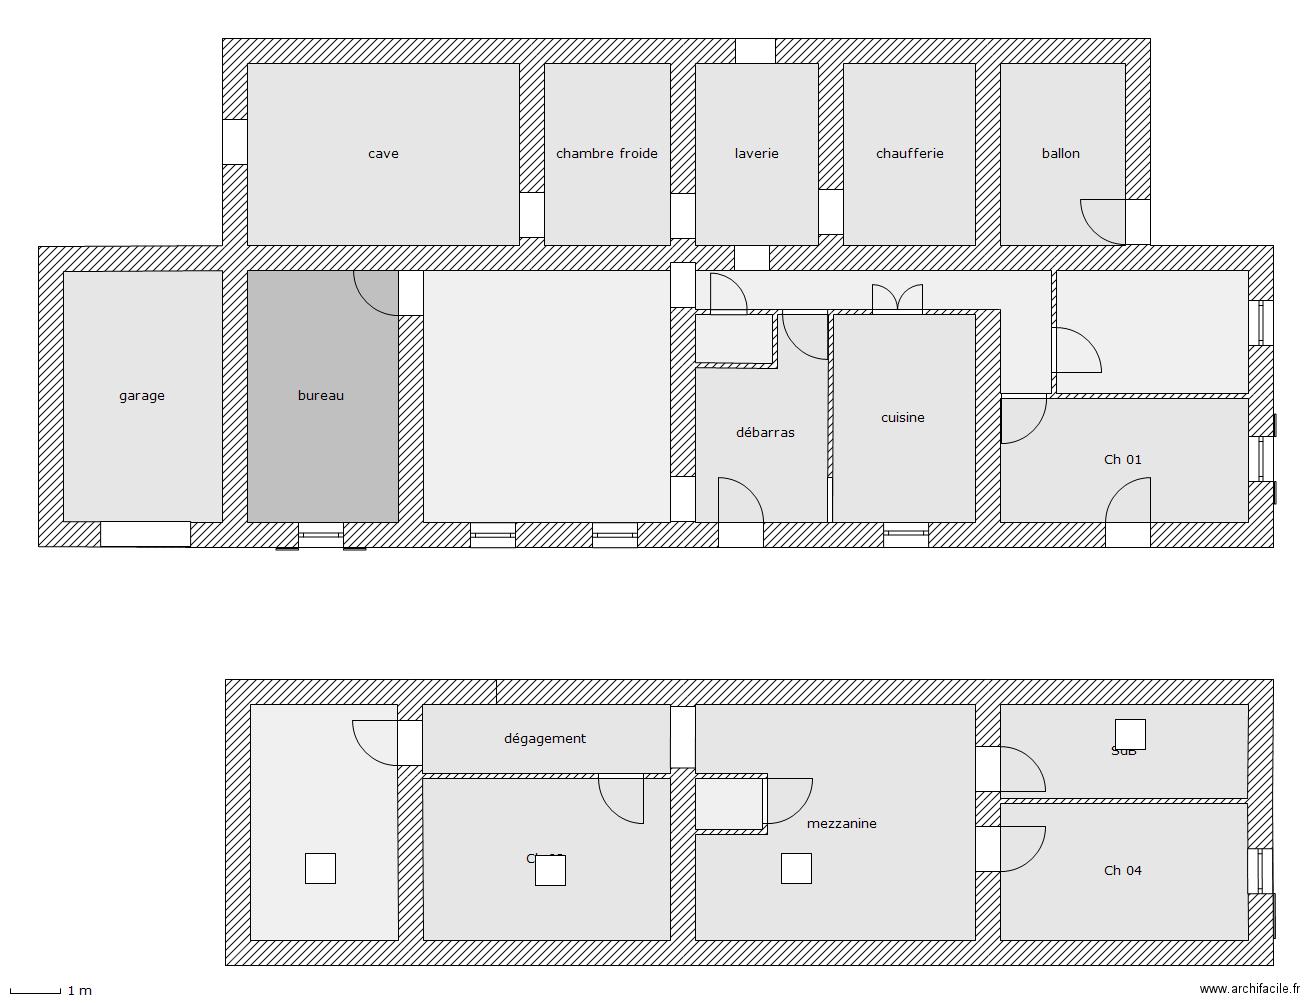 Architecture novatrice plan maison 210 m2 for Modifier plan maison